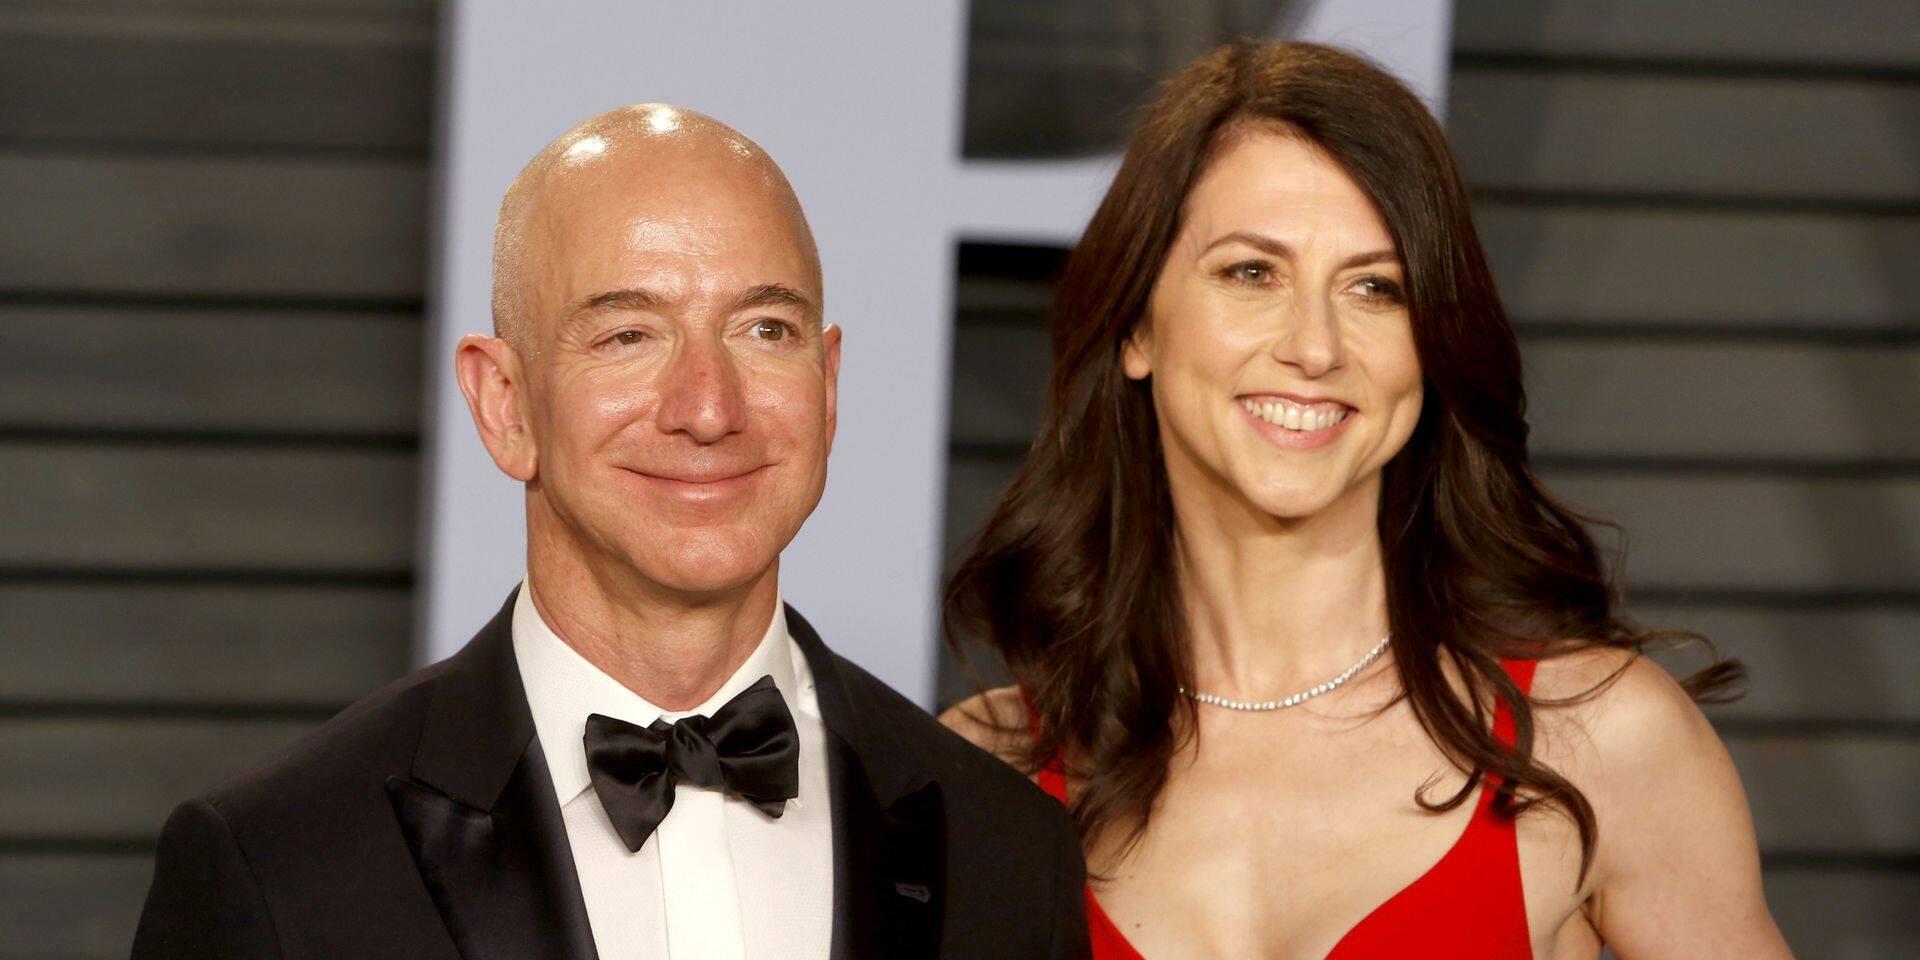 Après son divorce avec Jeff Bezos, MacKenzie Scott offre 1,7 milliard de dollars à des oeuvres de charité